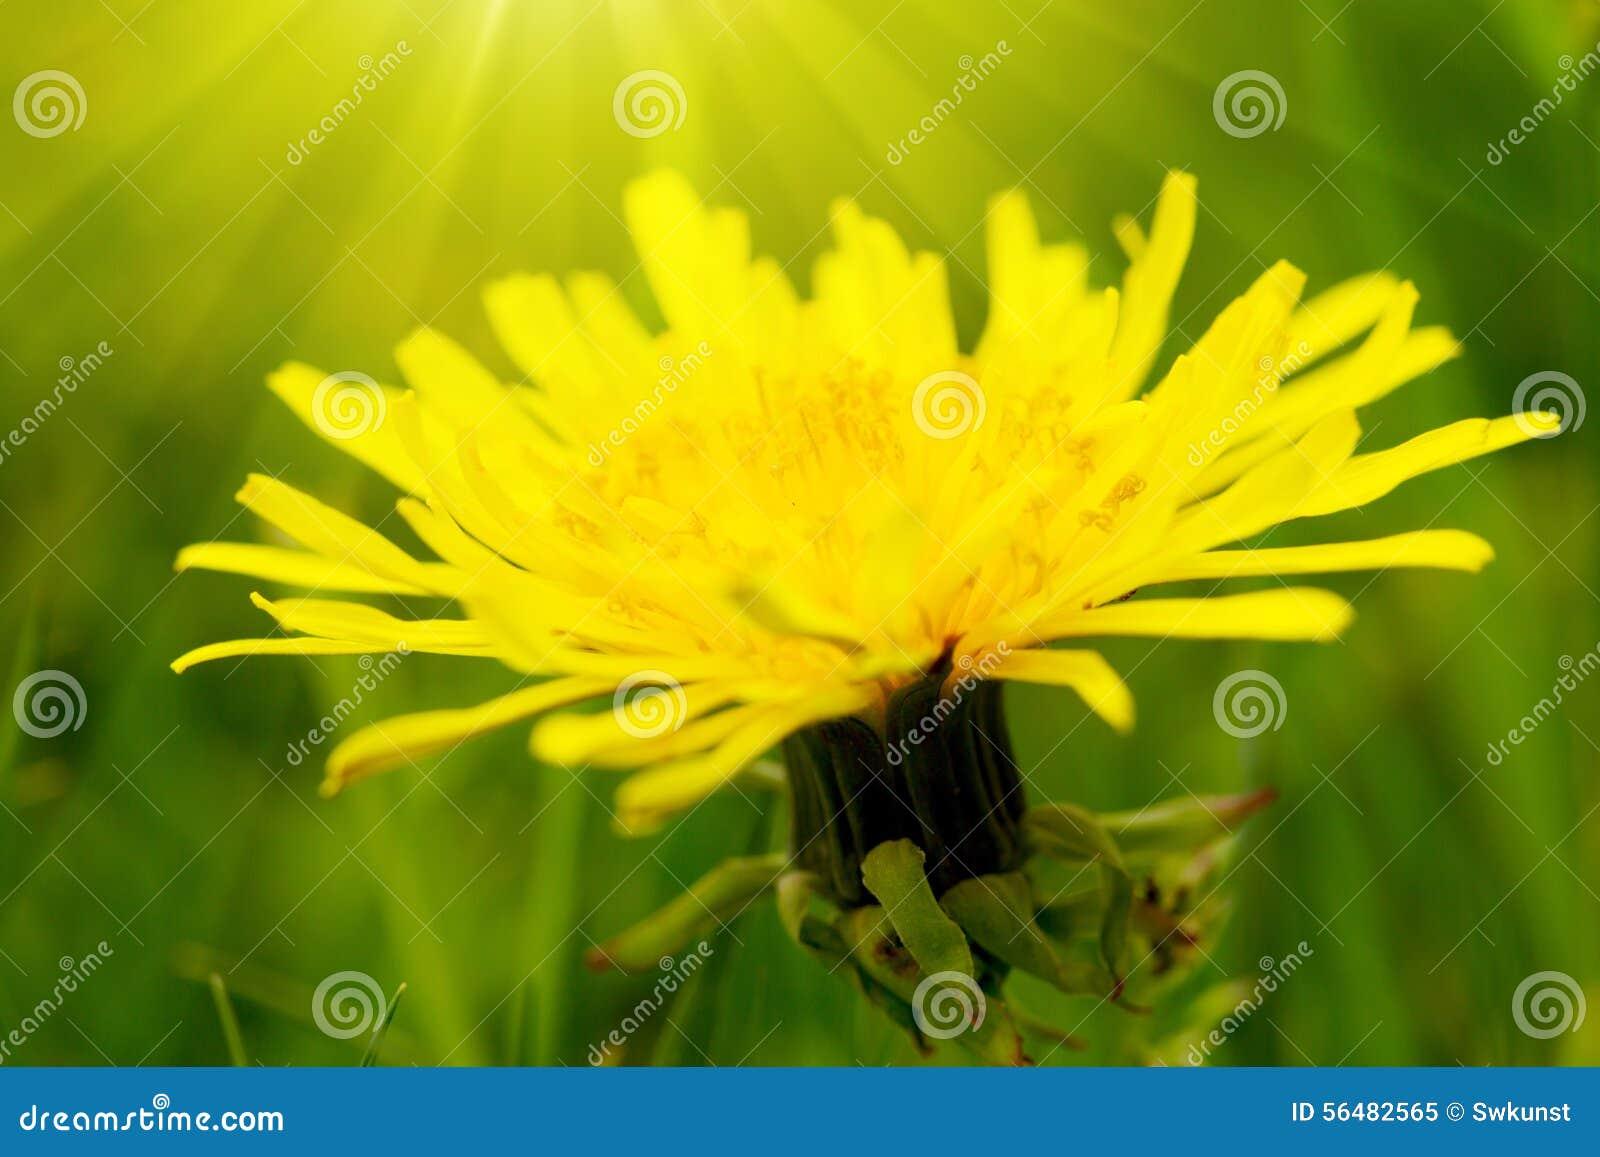 Fleur jaune de pissenlit